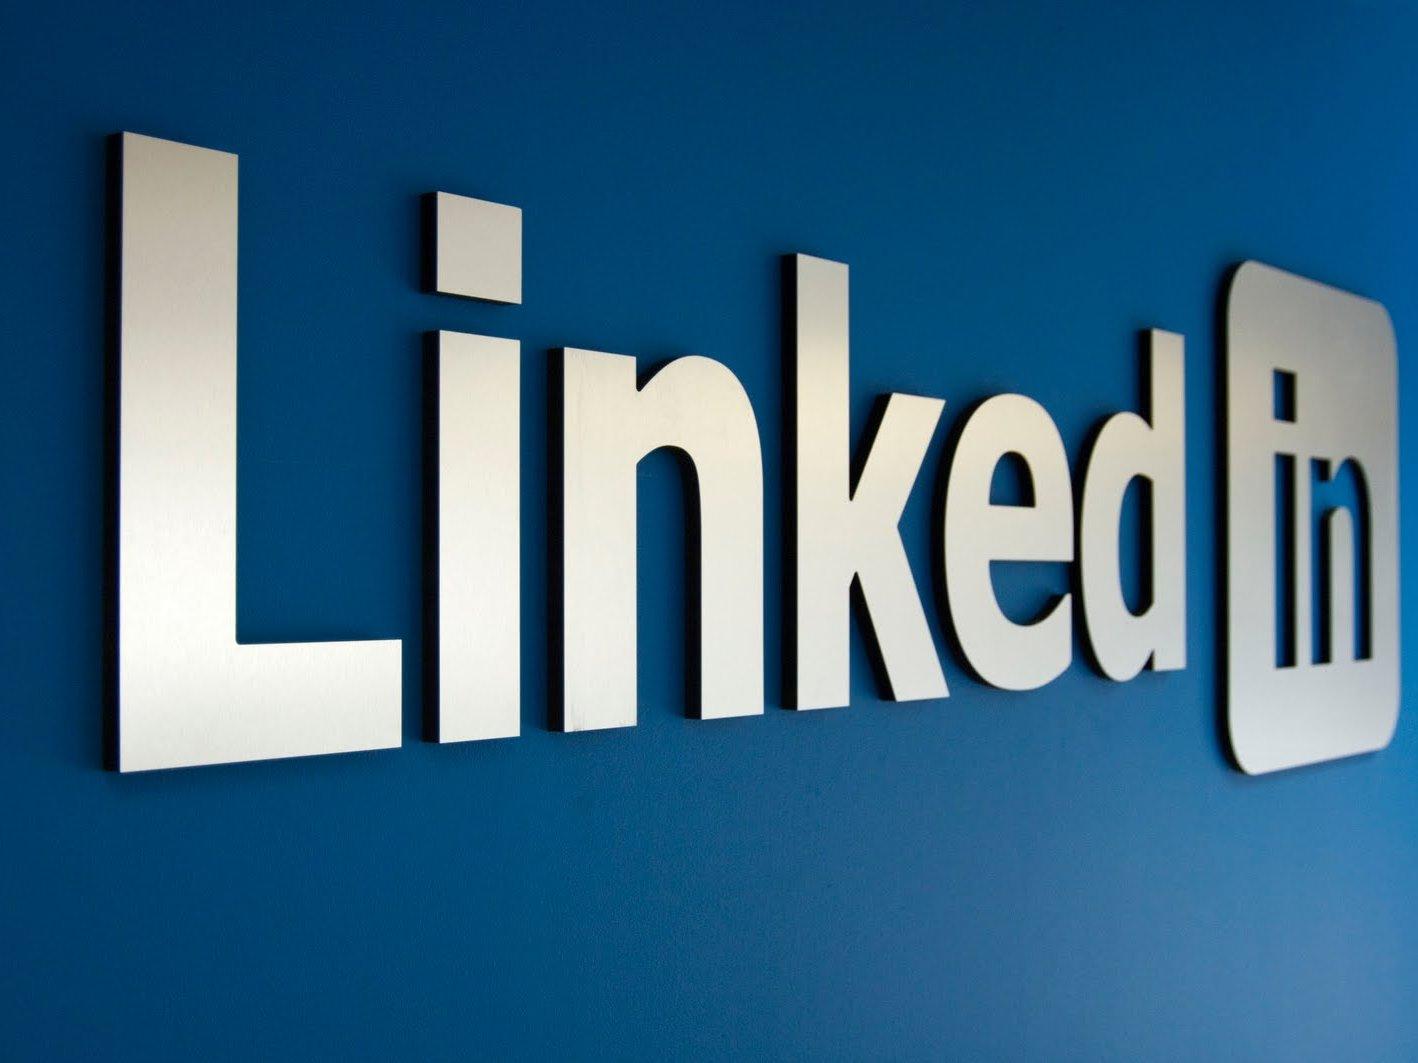 Социальная сеть Linkedin заблокируют в Российской Федерации наследующей неделе